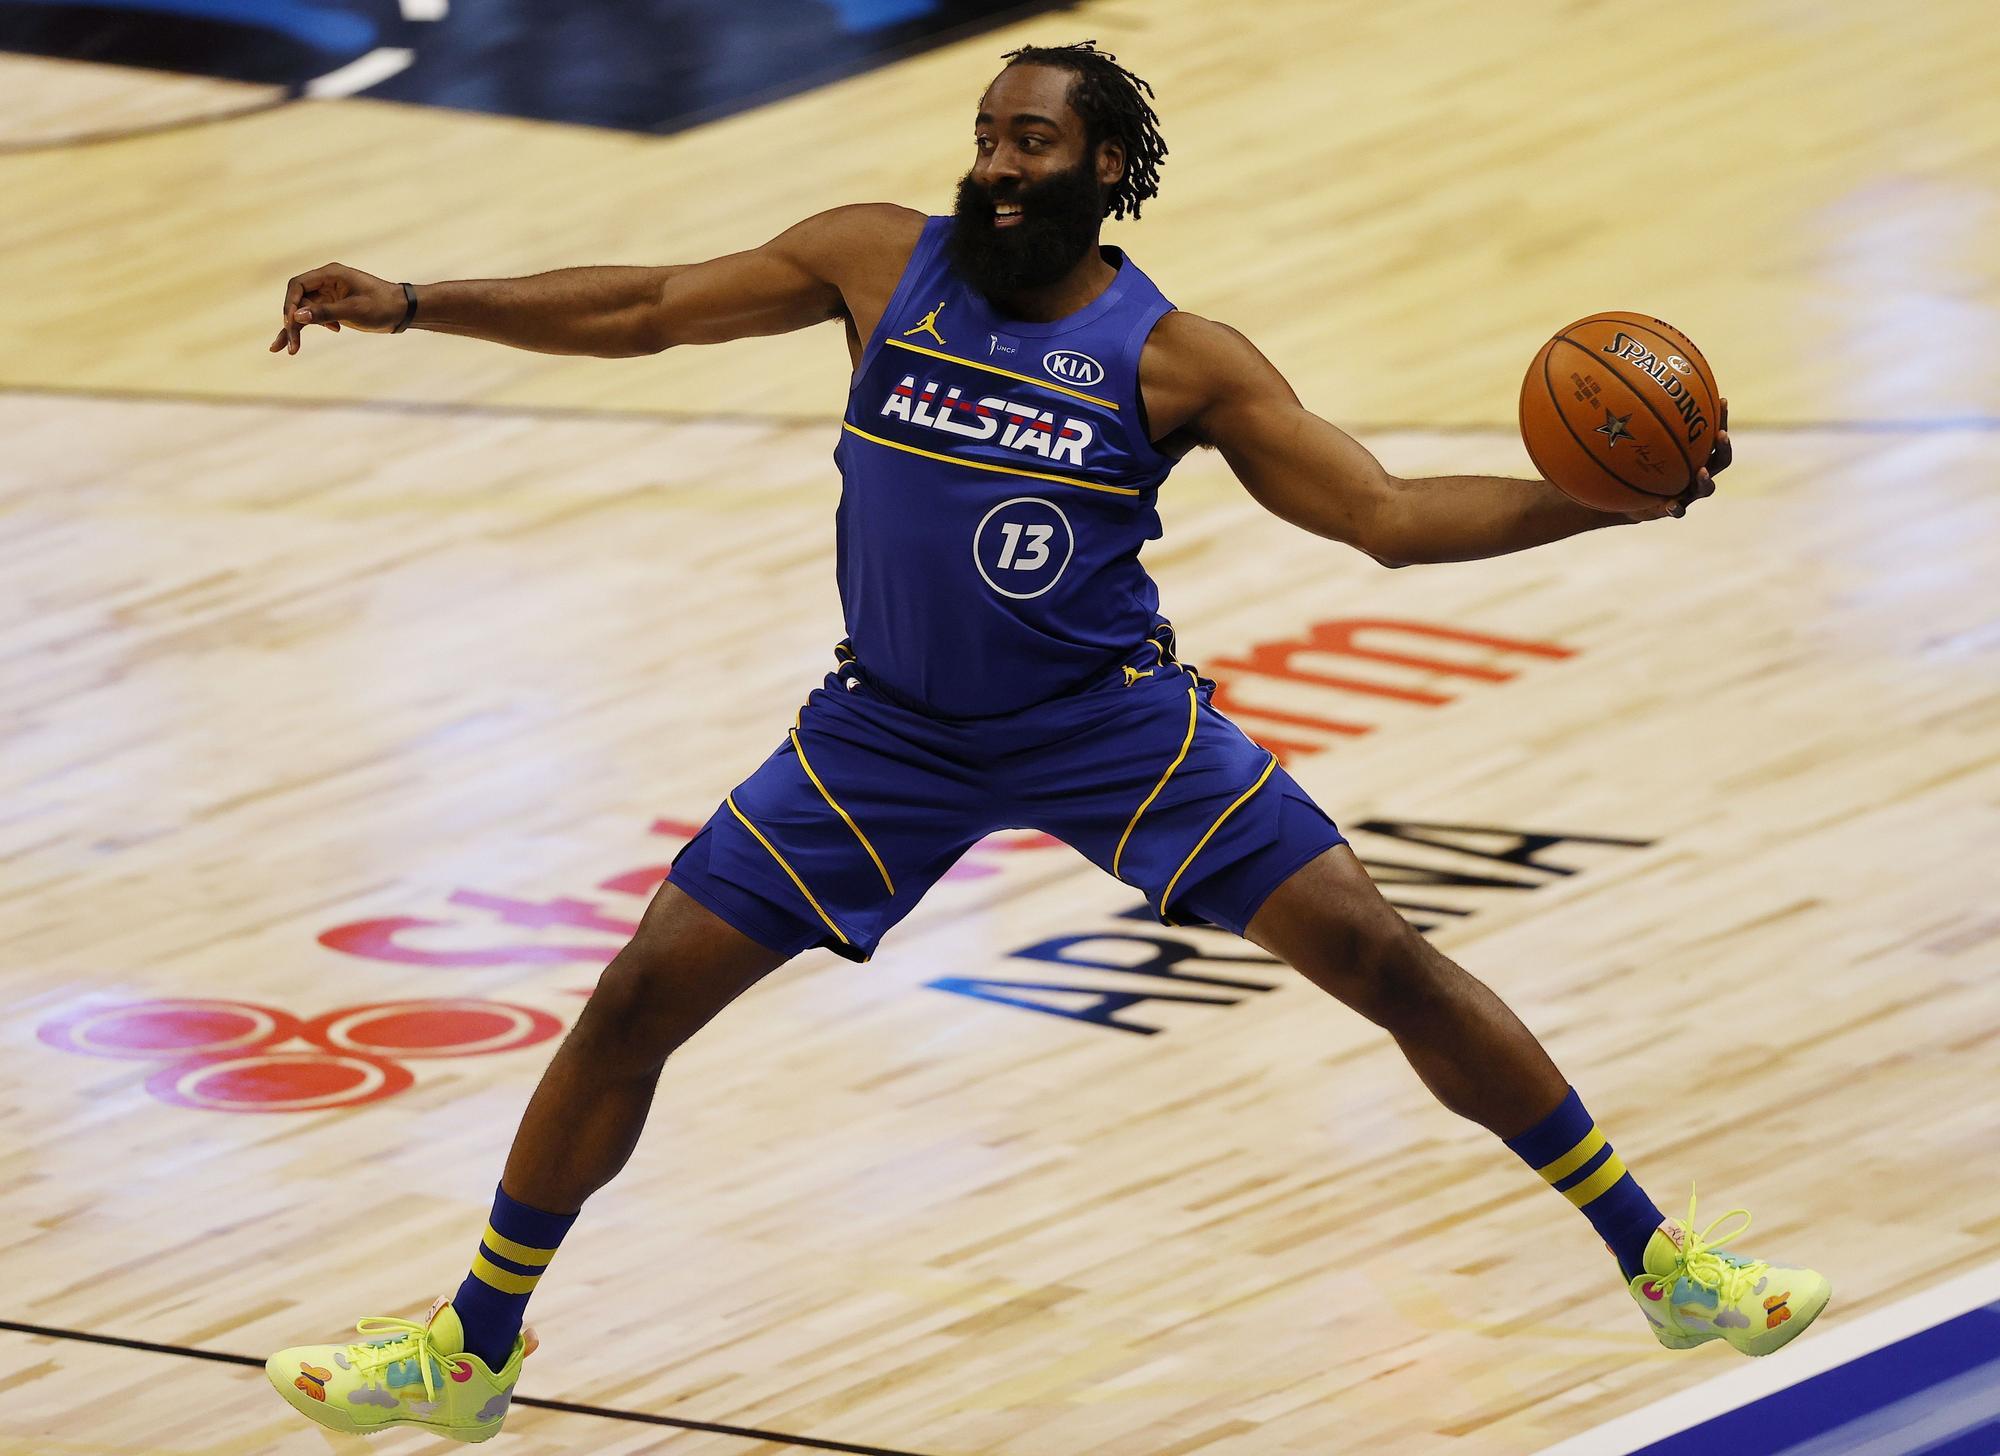 All Star de la NBA